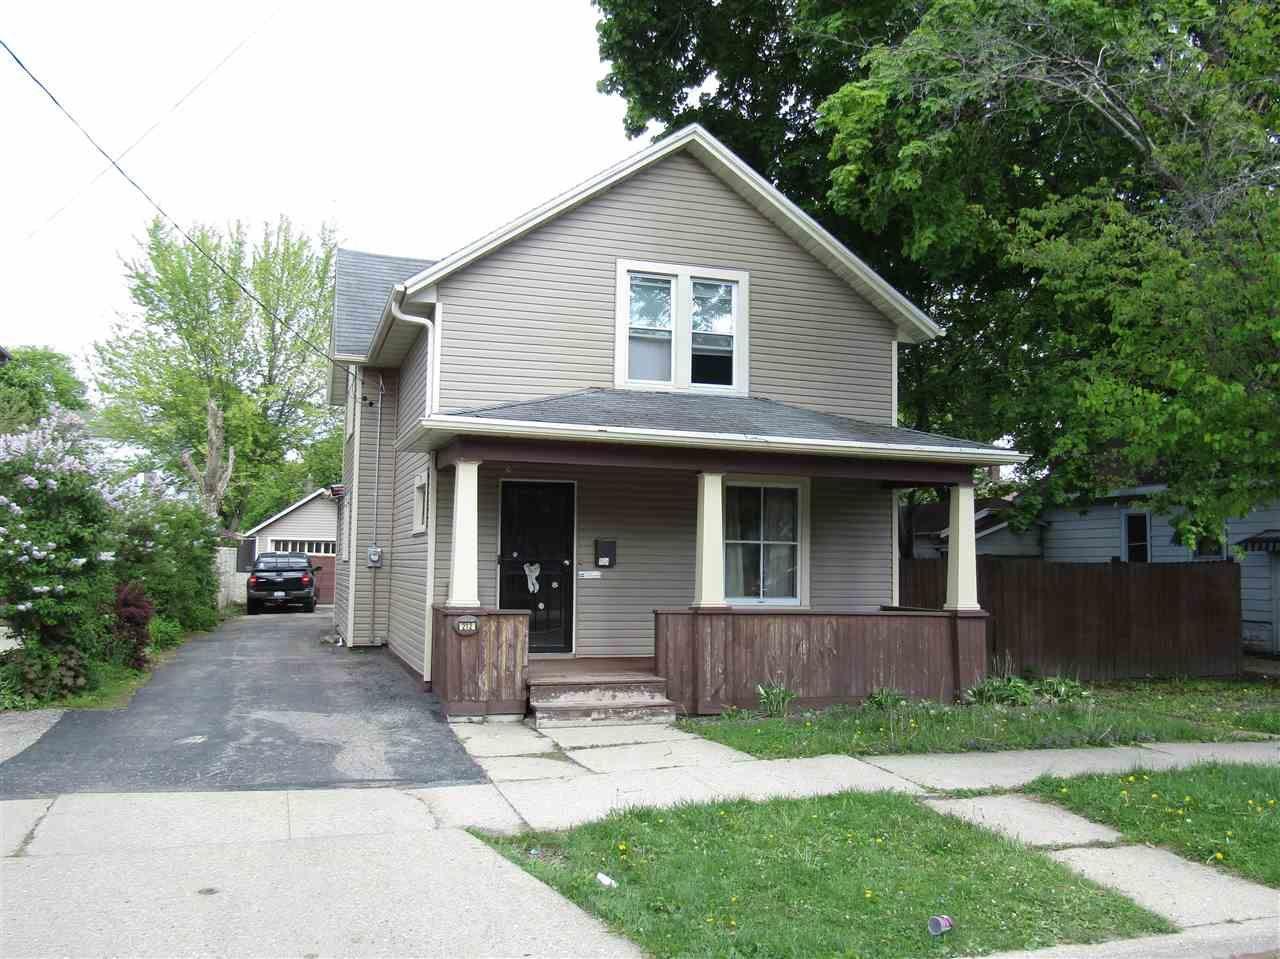 212 N Terrace, Janesville, WI 53548 - #: 1909151